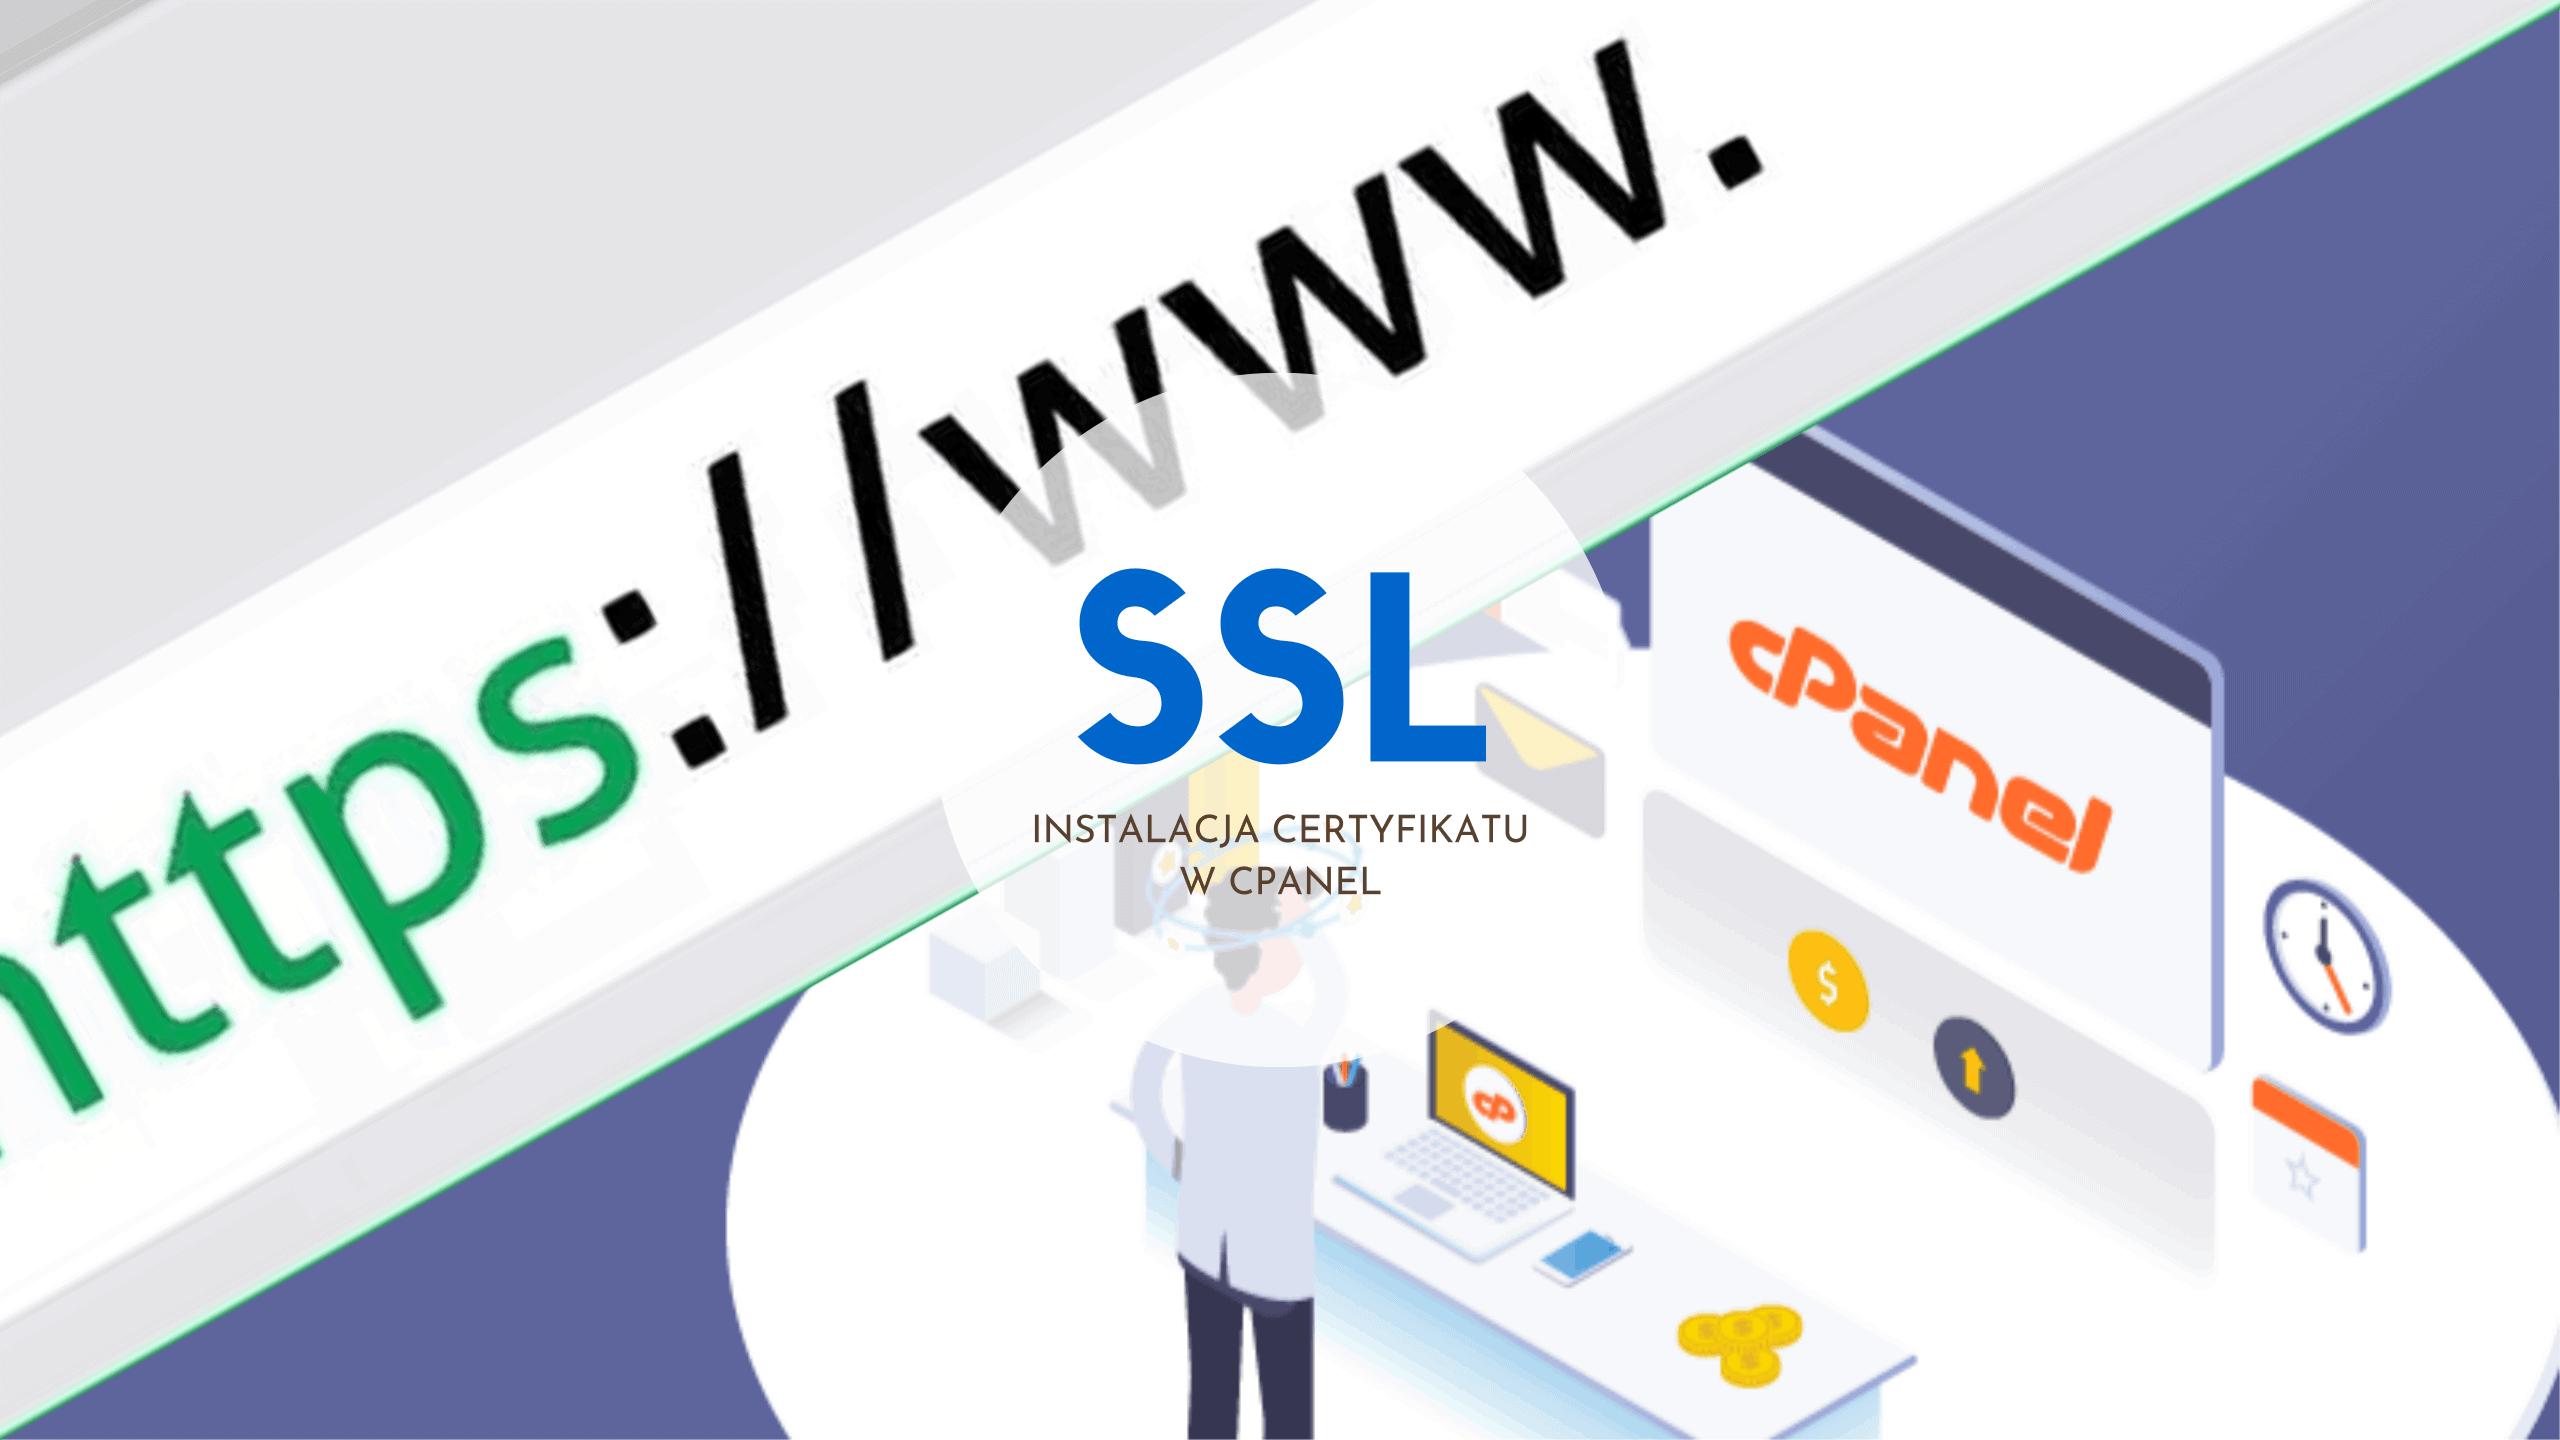 instalacja certyfikatu ssl cpanel